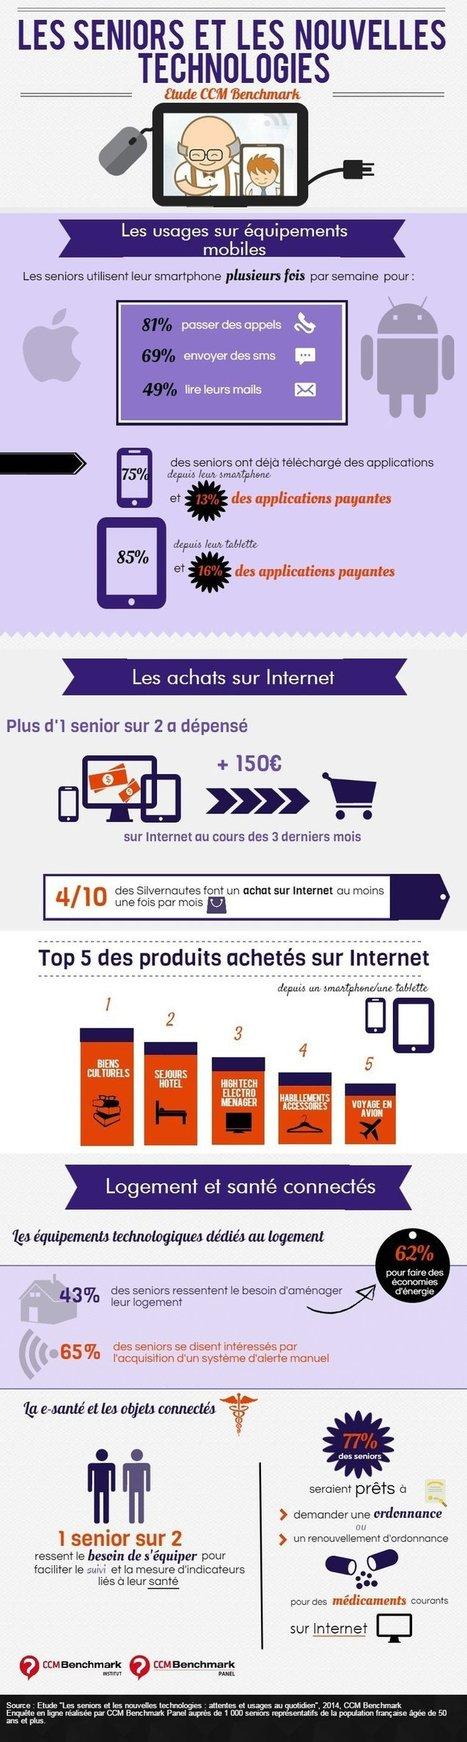 Infographie : les séniors et les nouvelles technologies | Seniors | Scoop.it